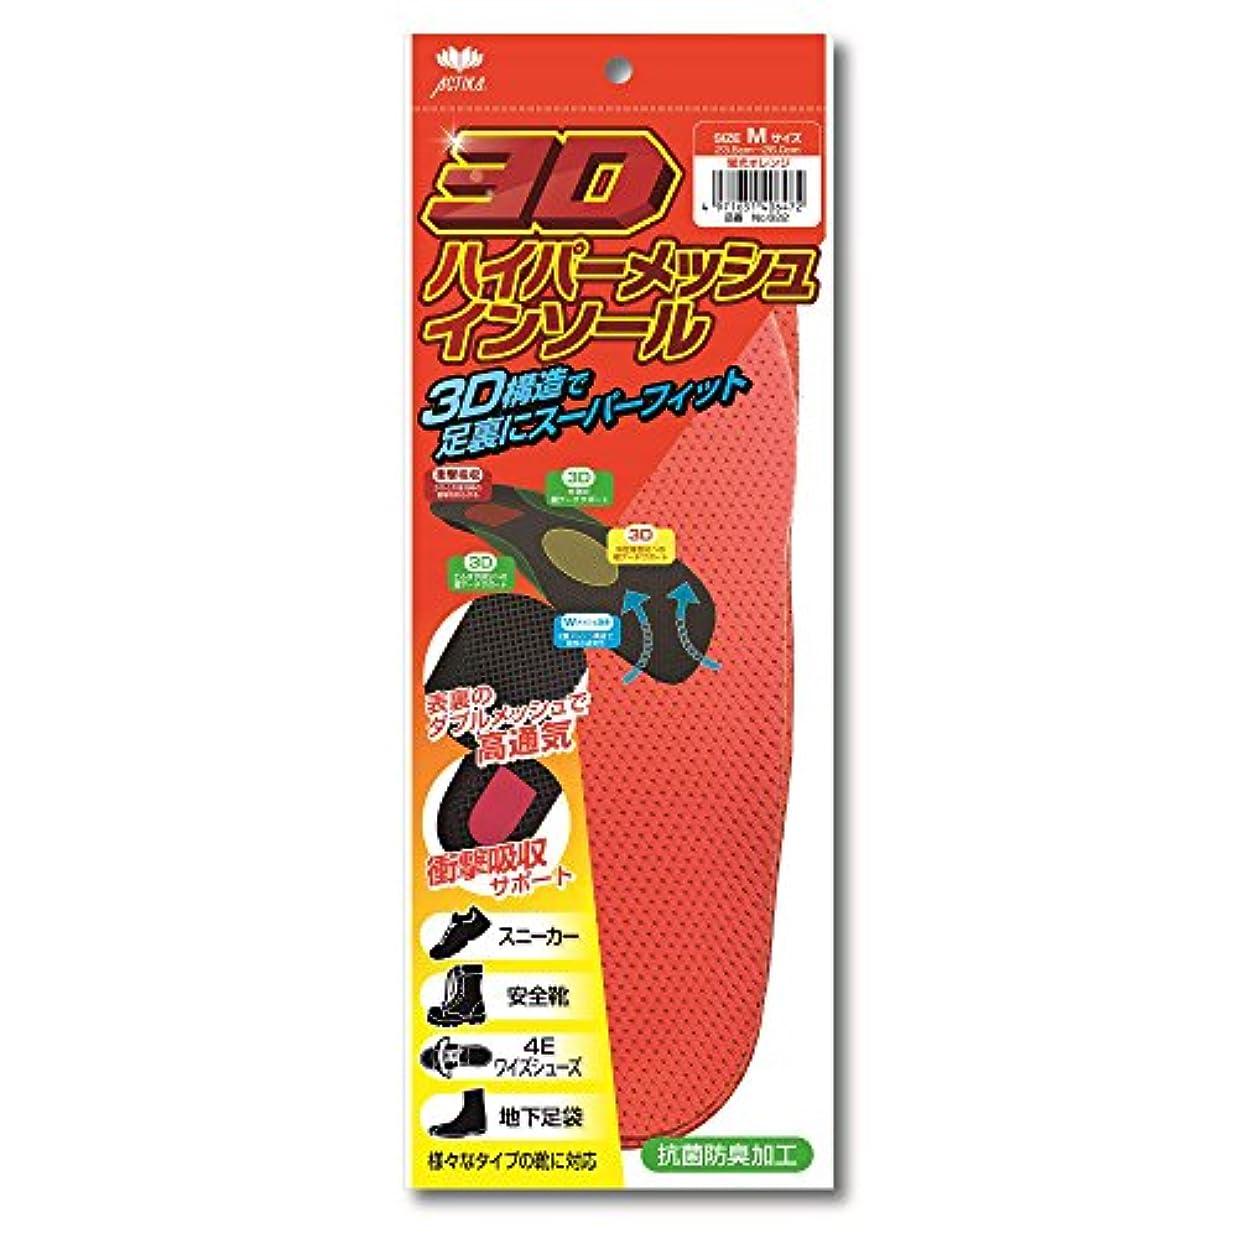 スマイル邪魔する制限アクティカ 3Dハイパーメッシュインソール オレンジ 男性用 No.622 L(26.0~28.0cm)